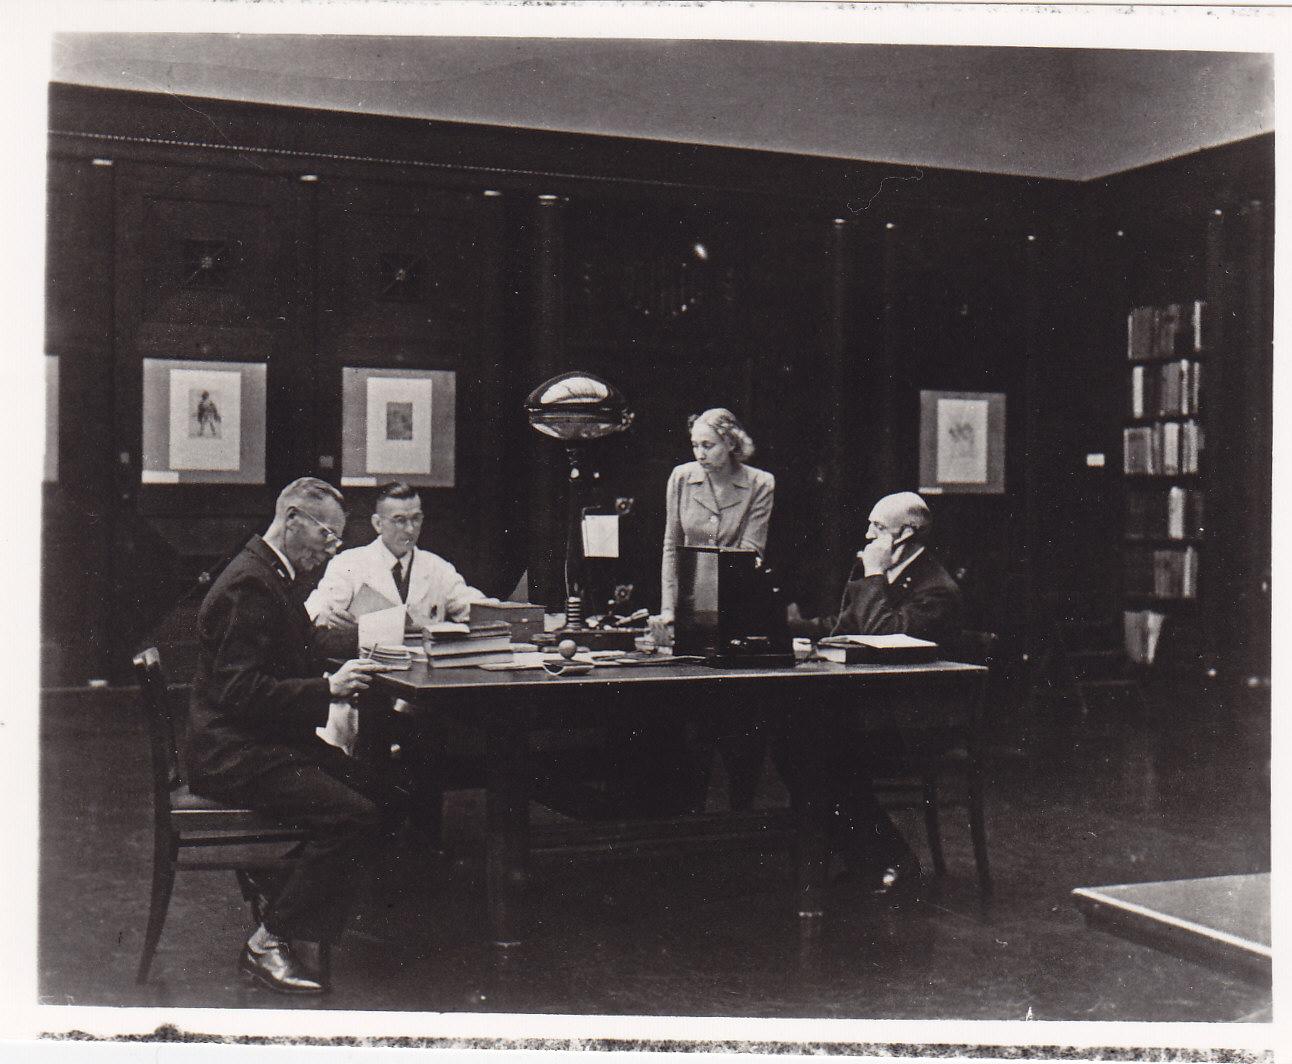 Bibliothek Weihnachten 1942, Bibliotheksmagazin, Weihnachten 1942 Hamburger Kunsthalle, Bibliothek